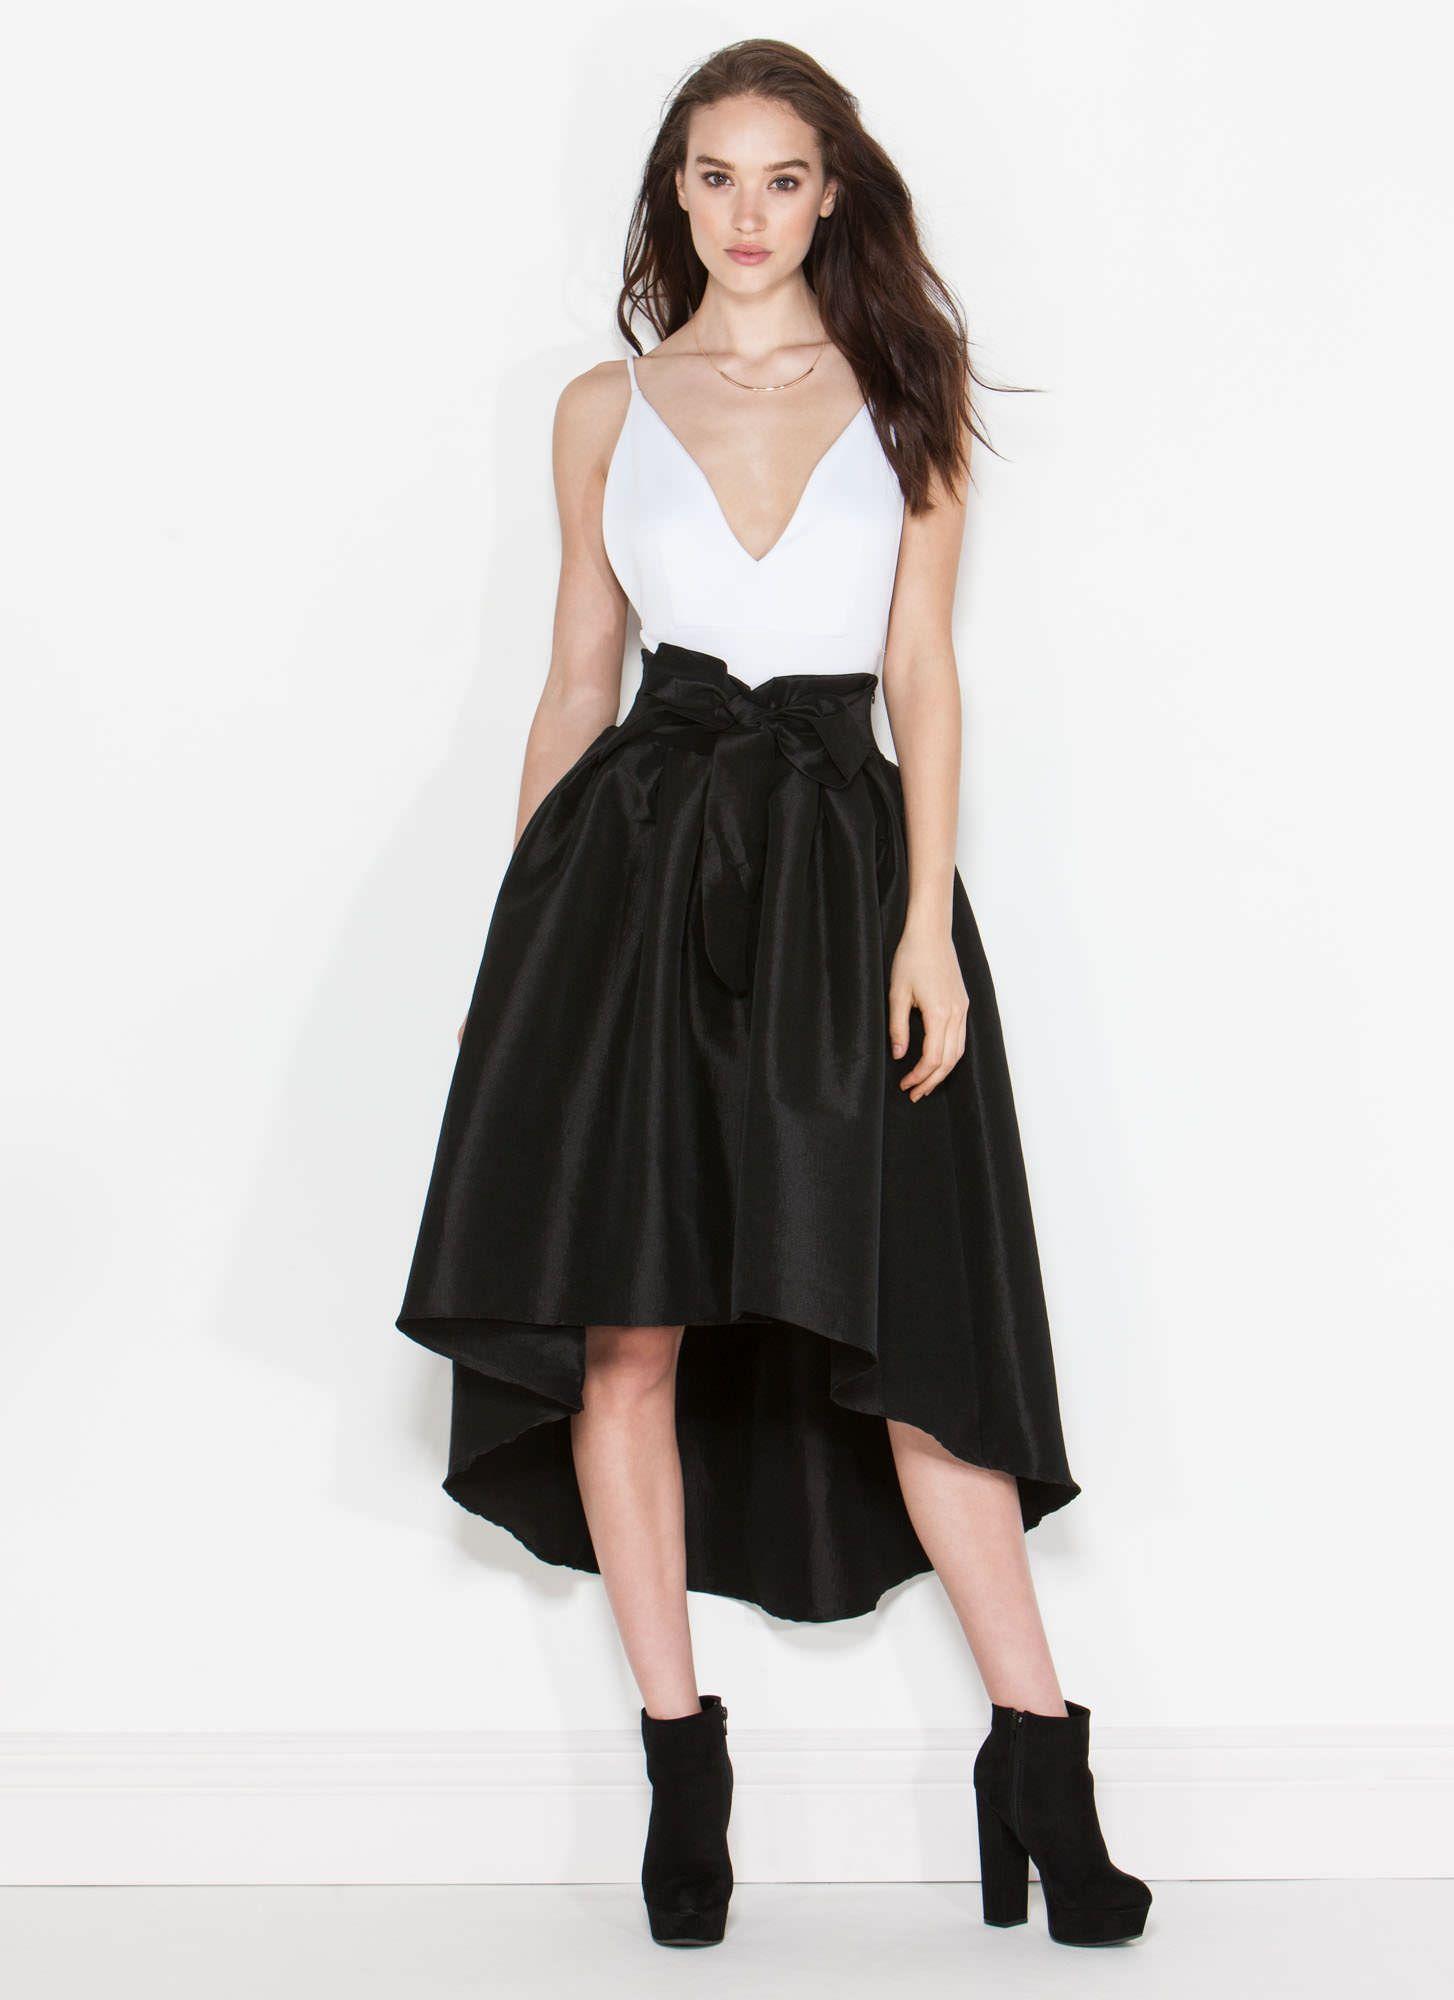 Taffeta Pleated High-Low Skirt | UrbanOG | Cemi Ceri Style ...